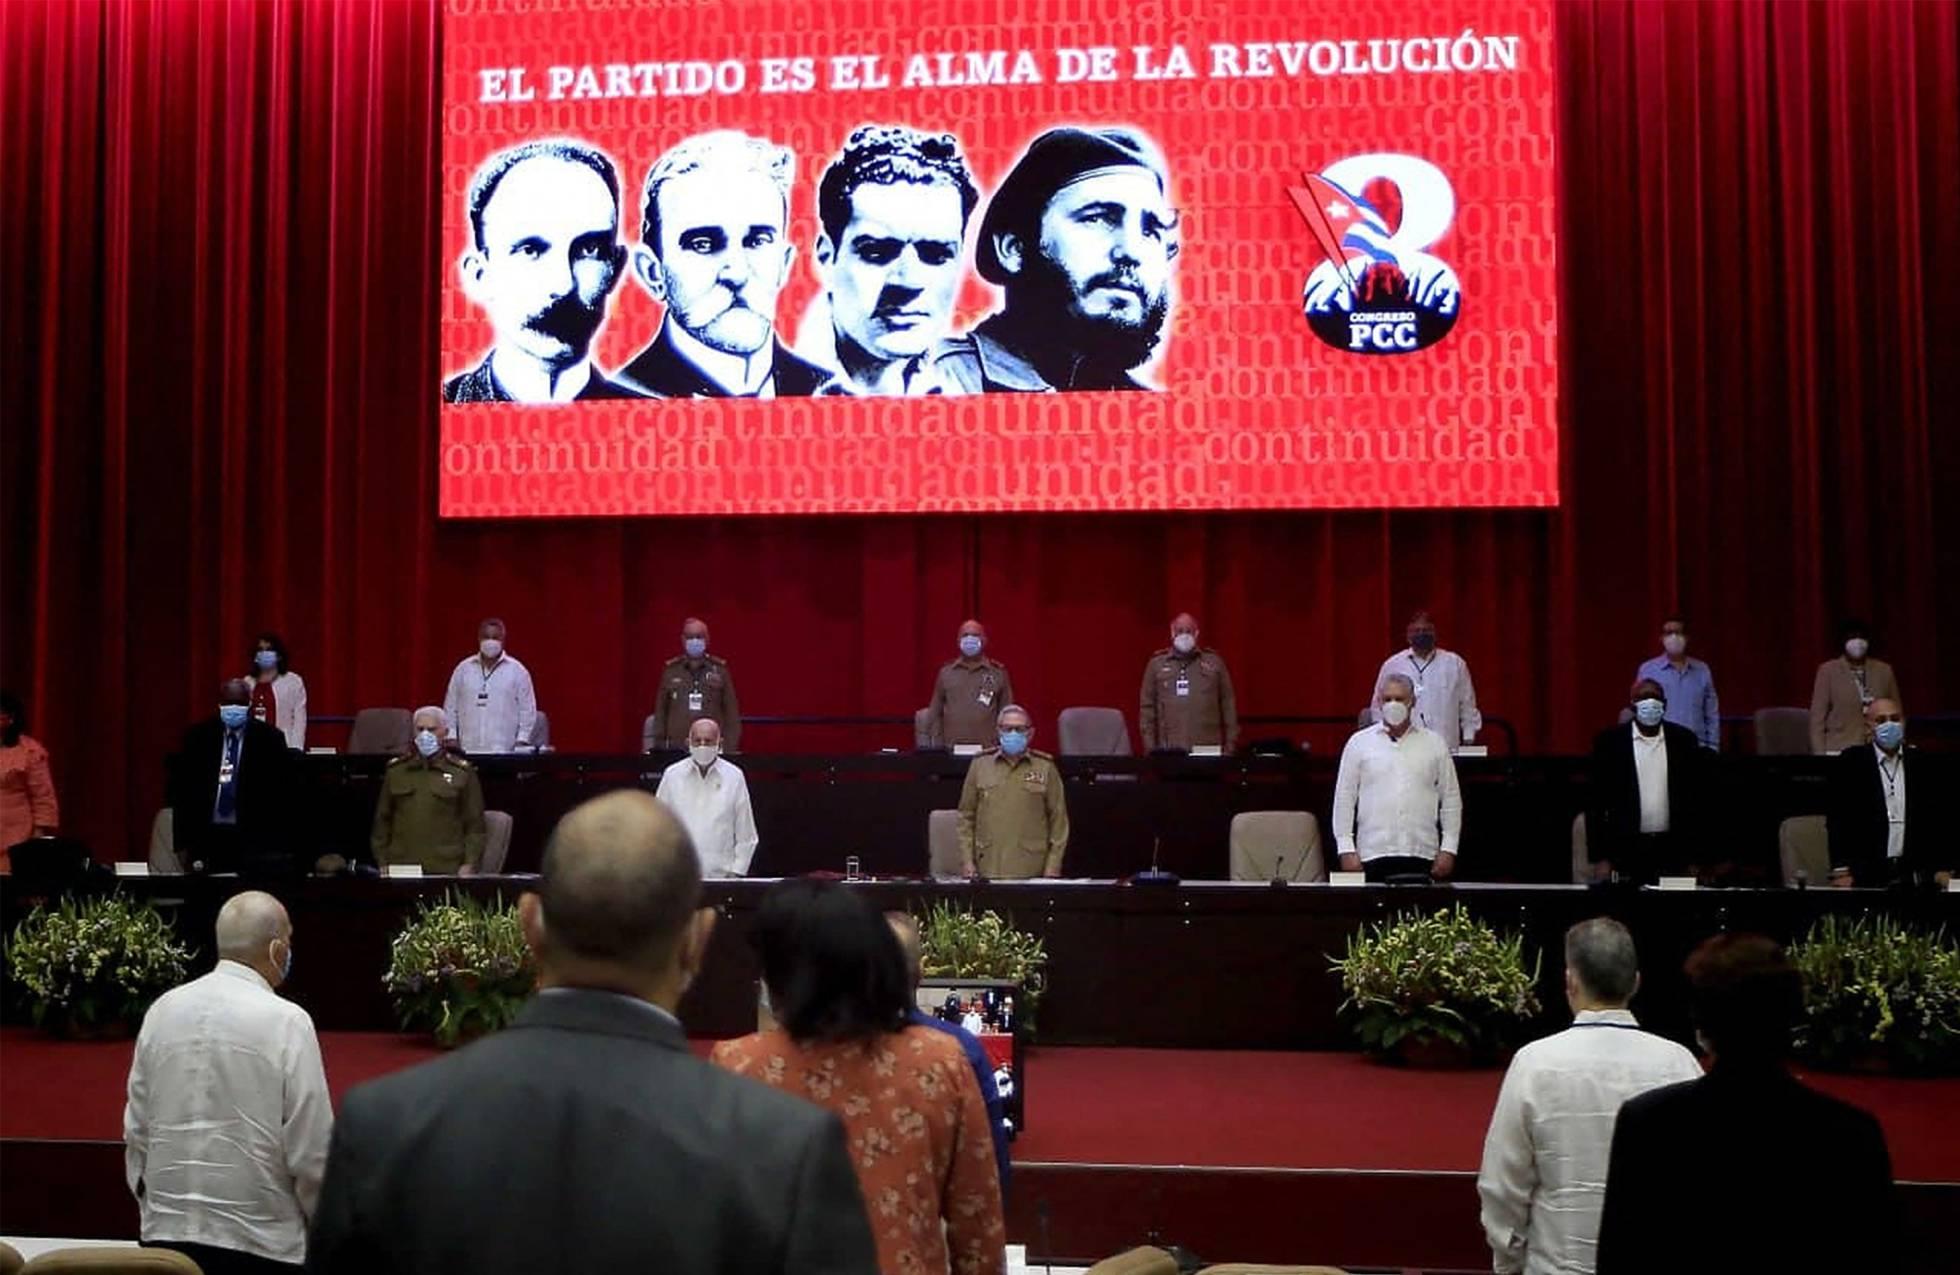 Fotos: Las imágenes del Congreso del Partido Comunista de Cuba | Sociedad |  EL PAÍS